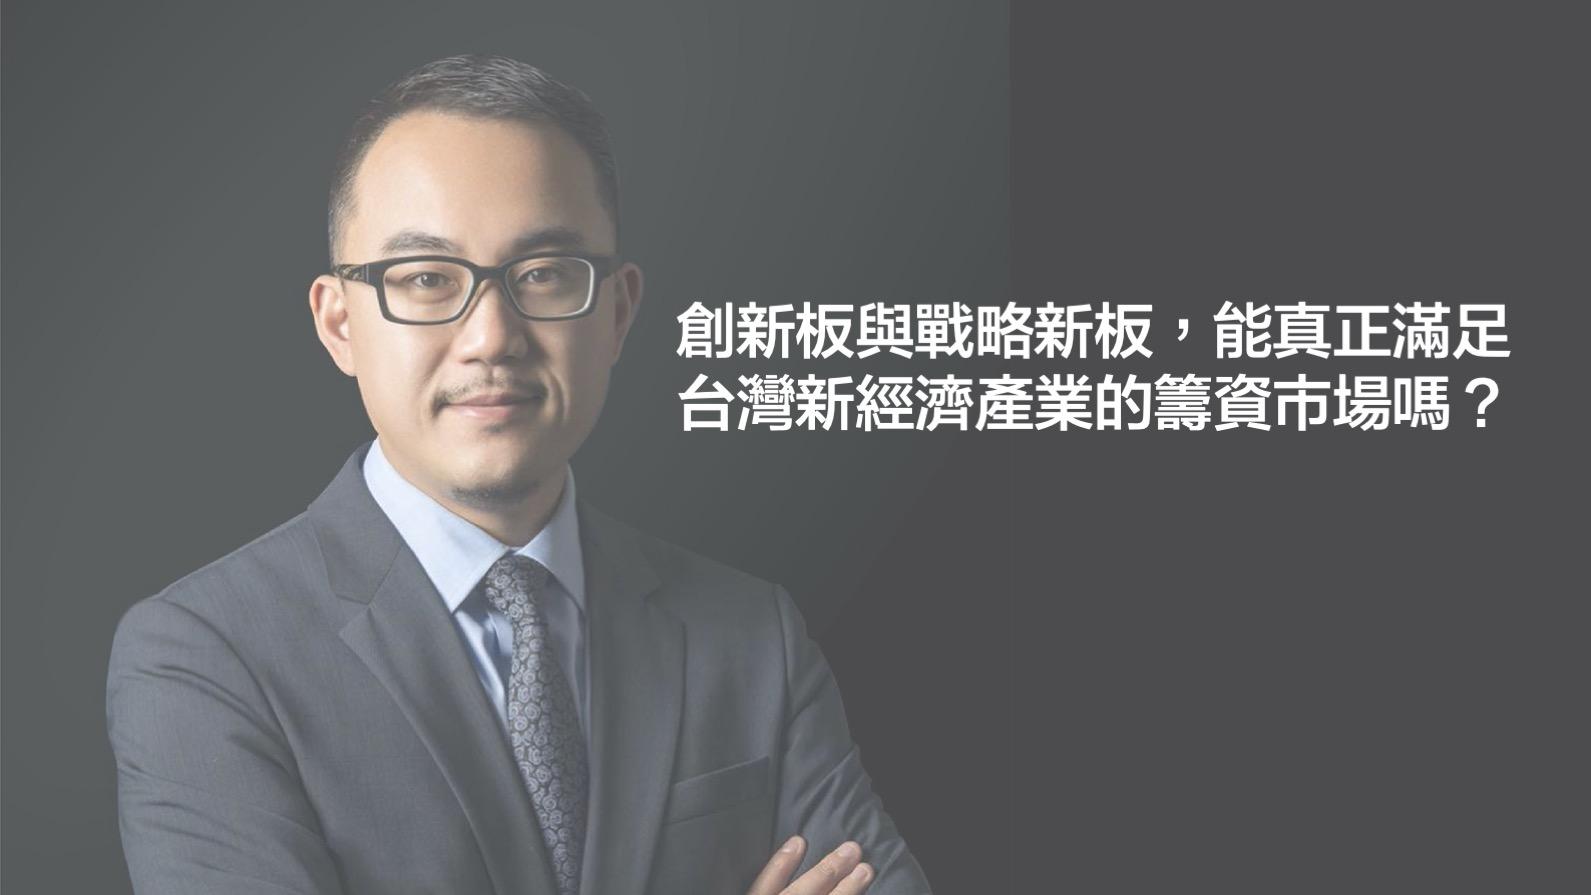 黃沛聲律師-創新板與戰略新板